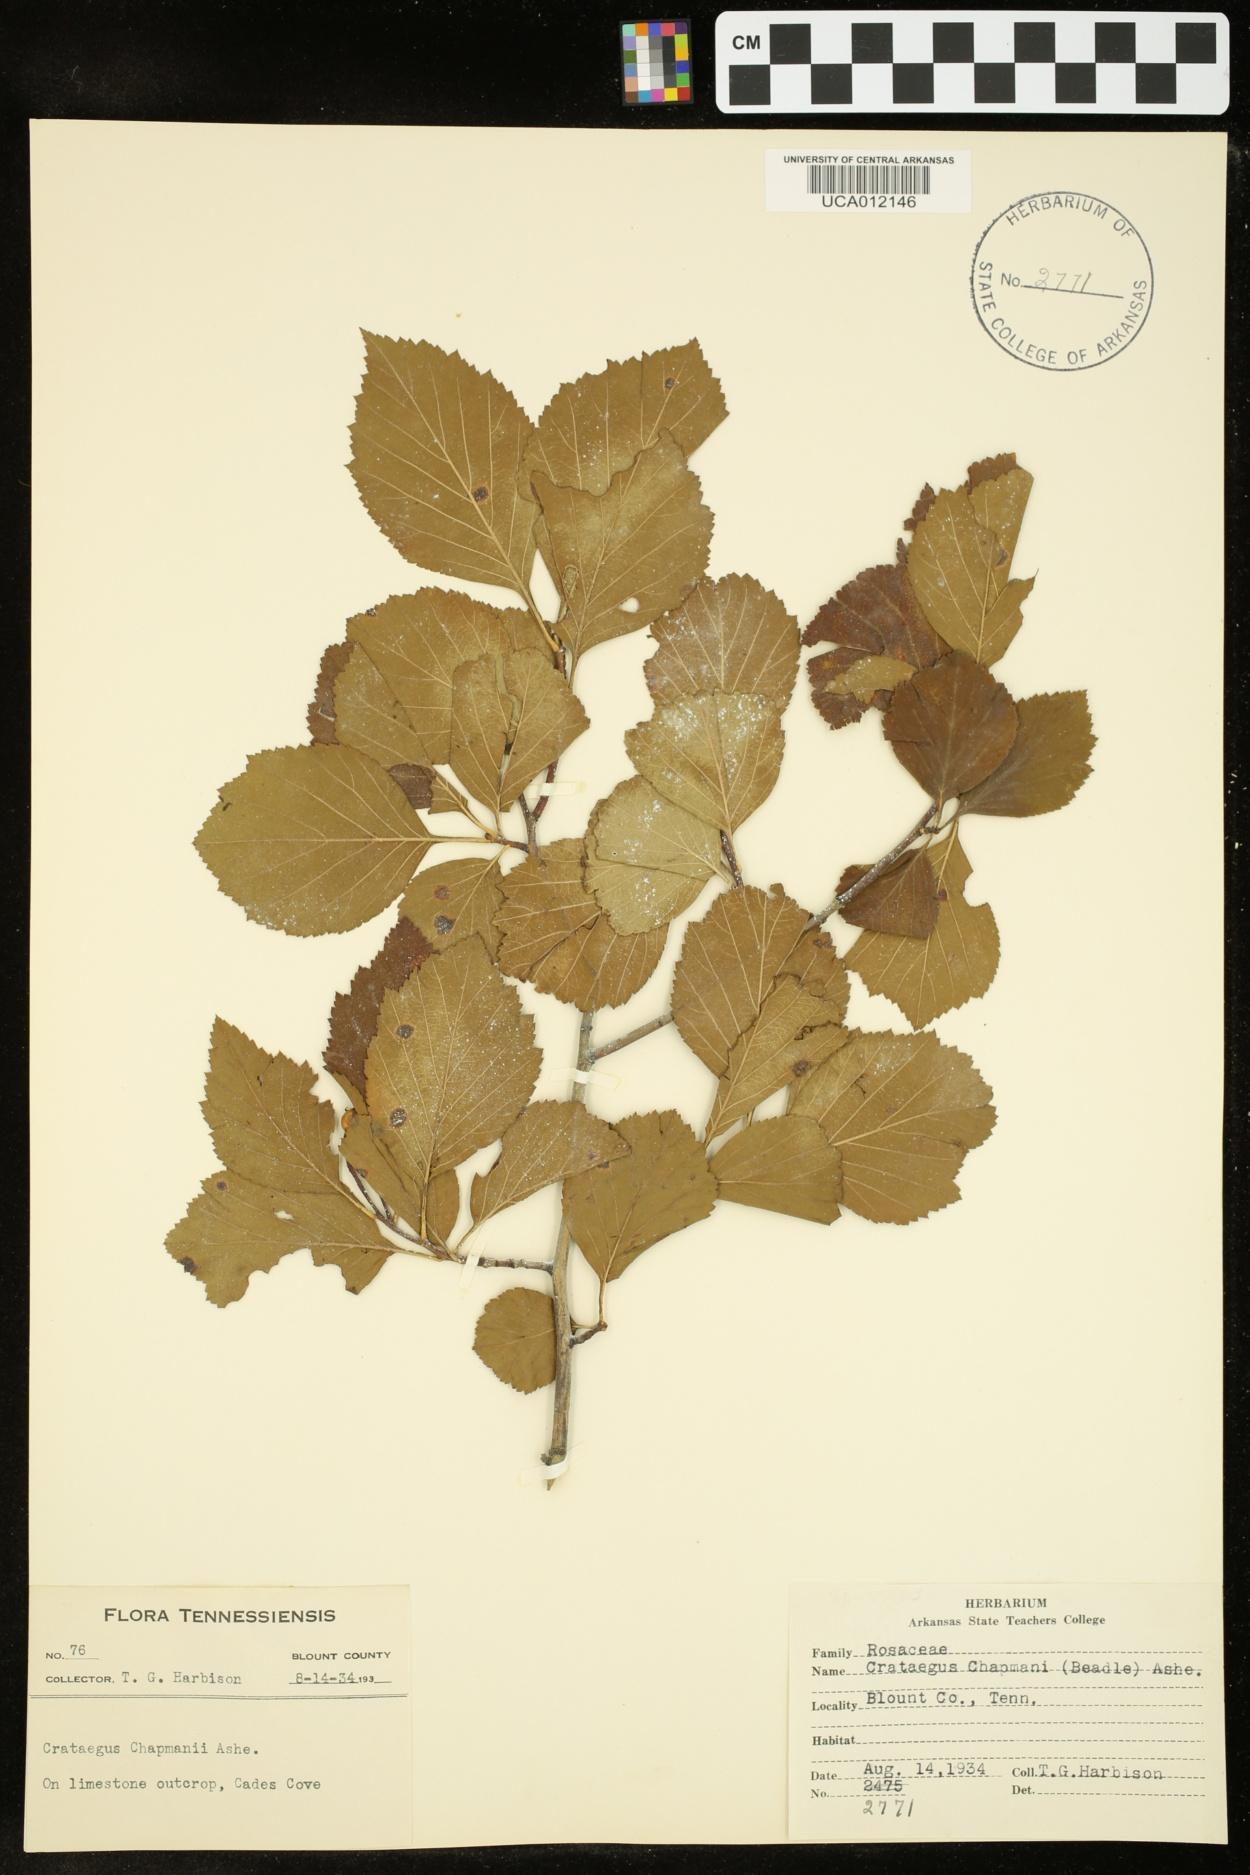 Crataegus chapmanii image